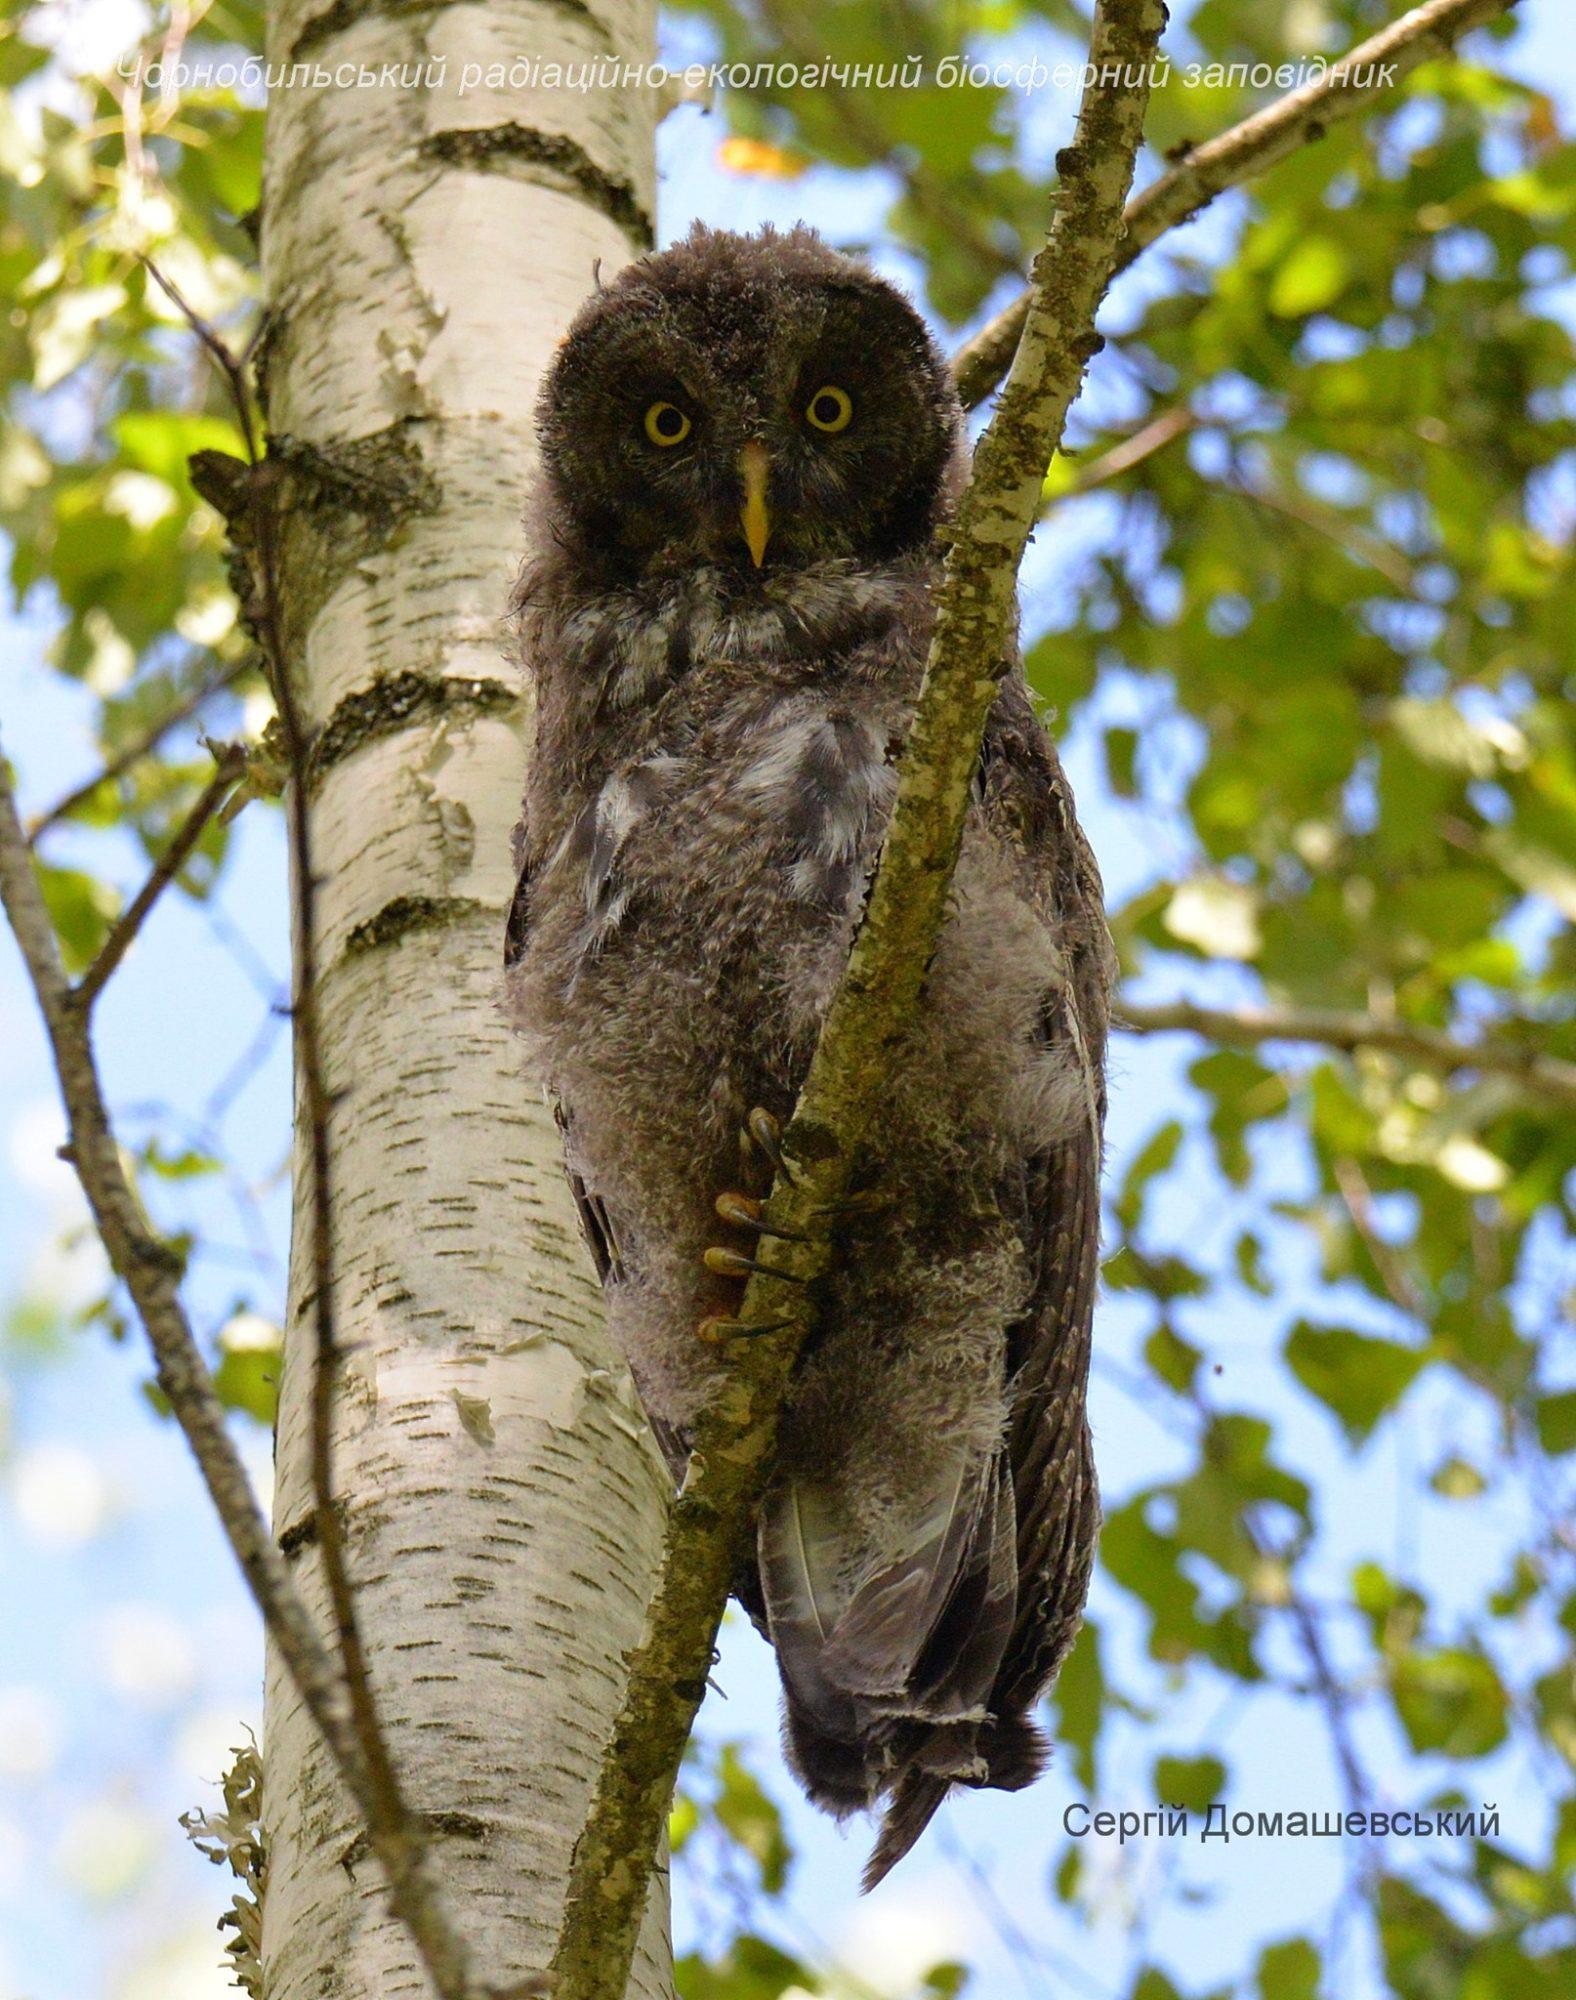 У Чорнобилі мешкає рідкісна сова, яка нападає на дослідників - Птахи, природа, Зона відчуження - 129143231 821484835075272 888564316327172901 o 1576x2000